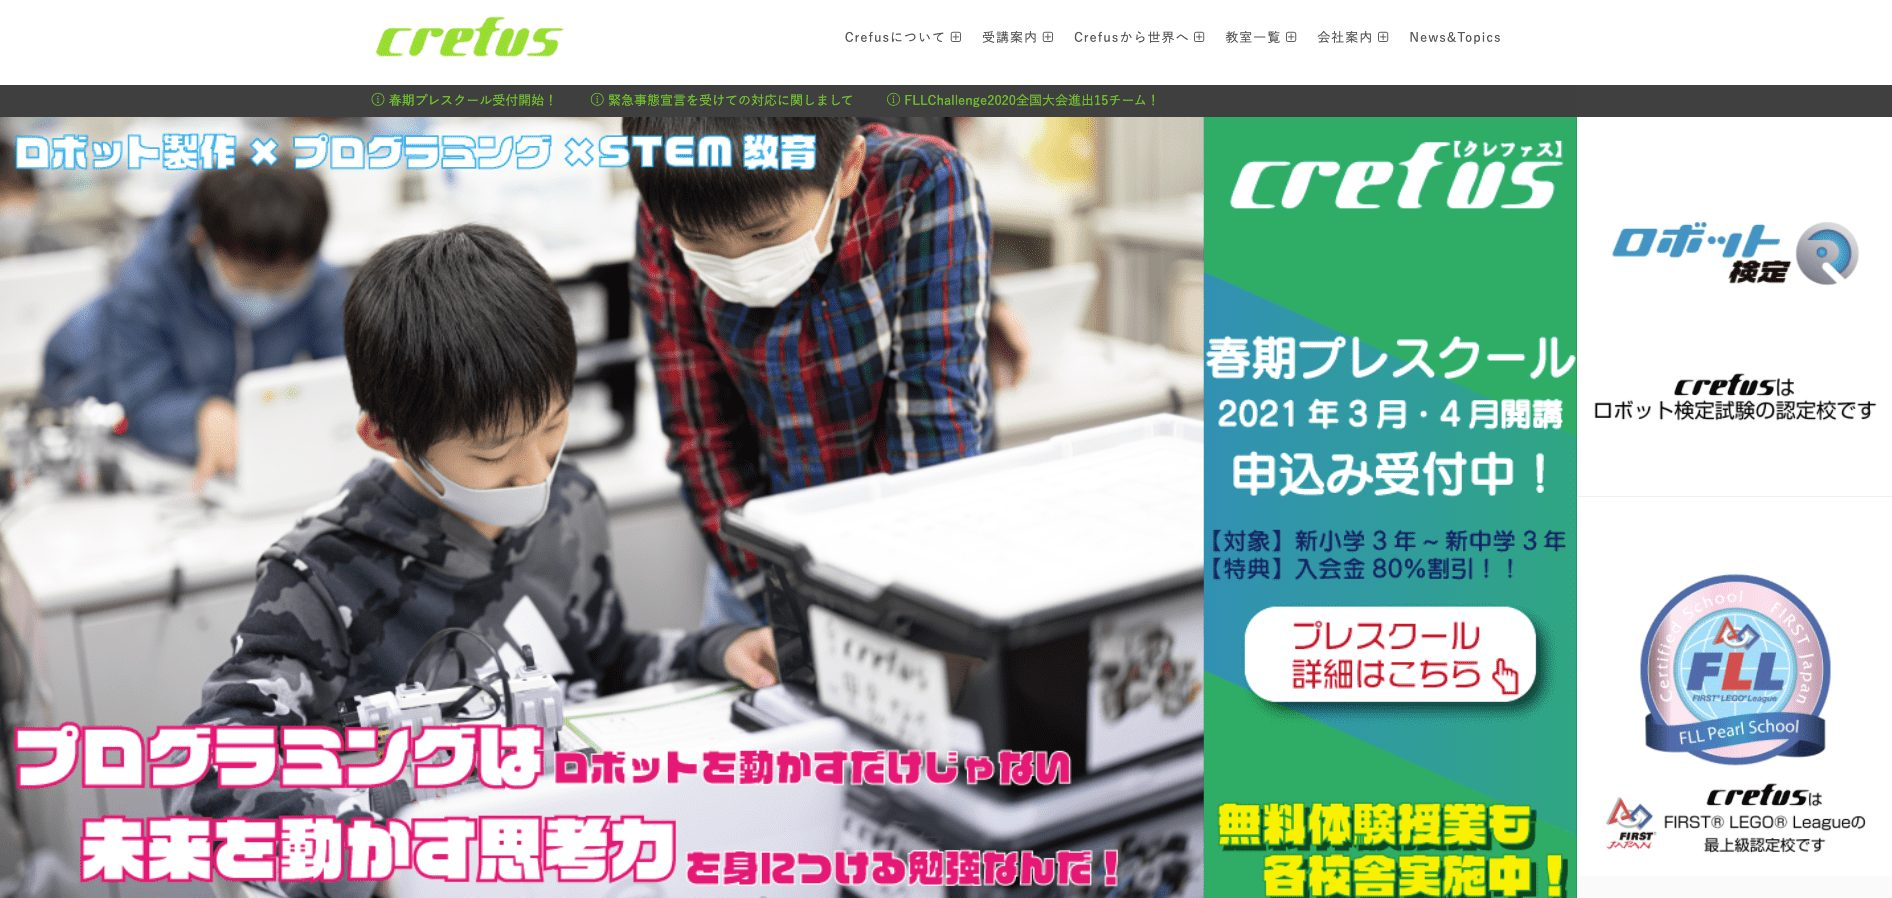 ロボット科学教育Crefus